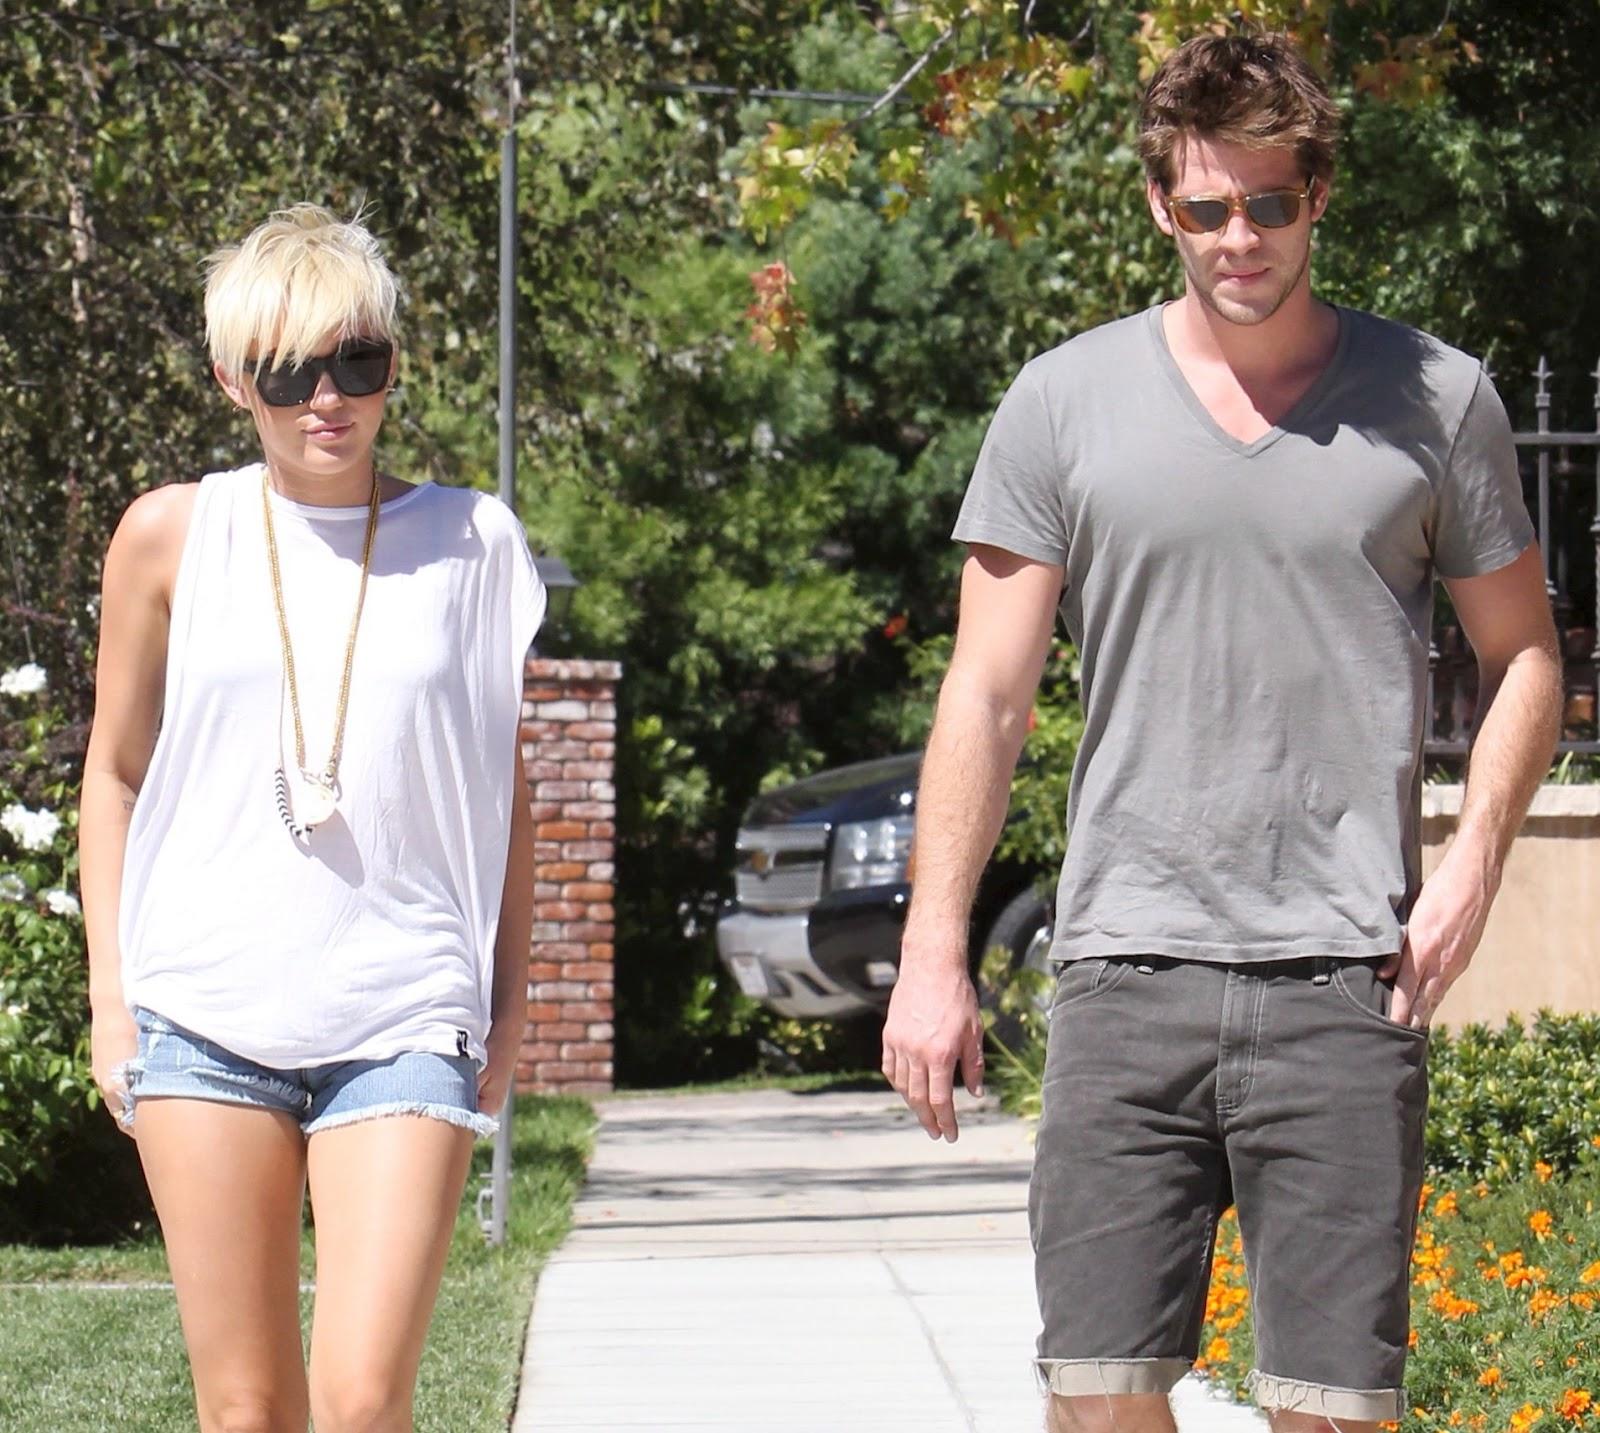 ekskluzywny asortyment wylot najwyższa jakość Steal Their Style: Miley Cyrus in Jet Jean Shorts & Dr ...